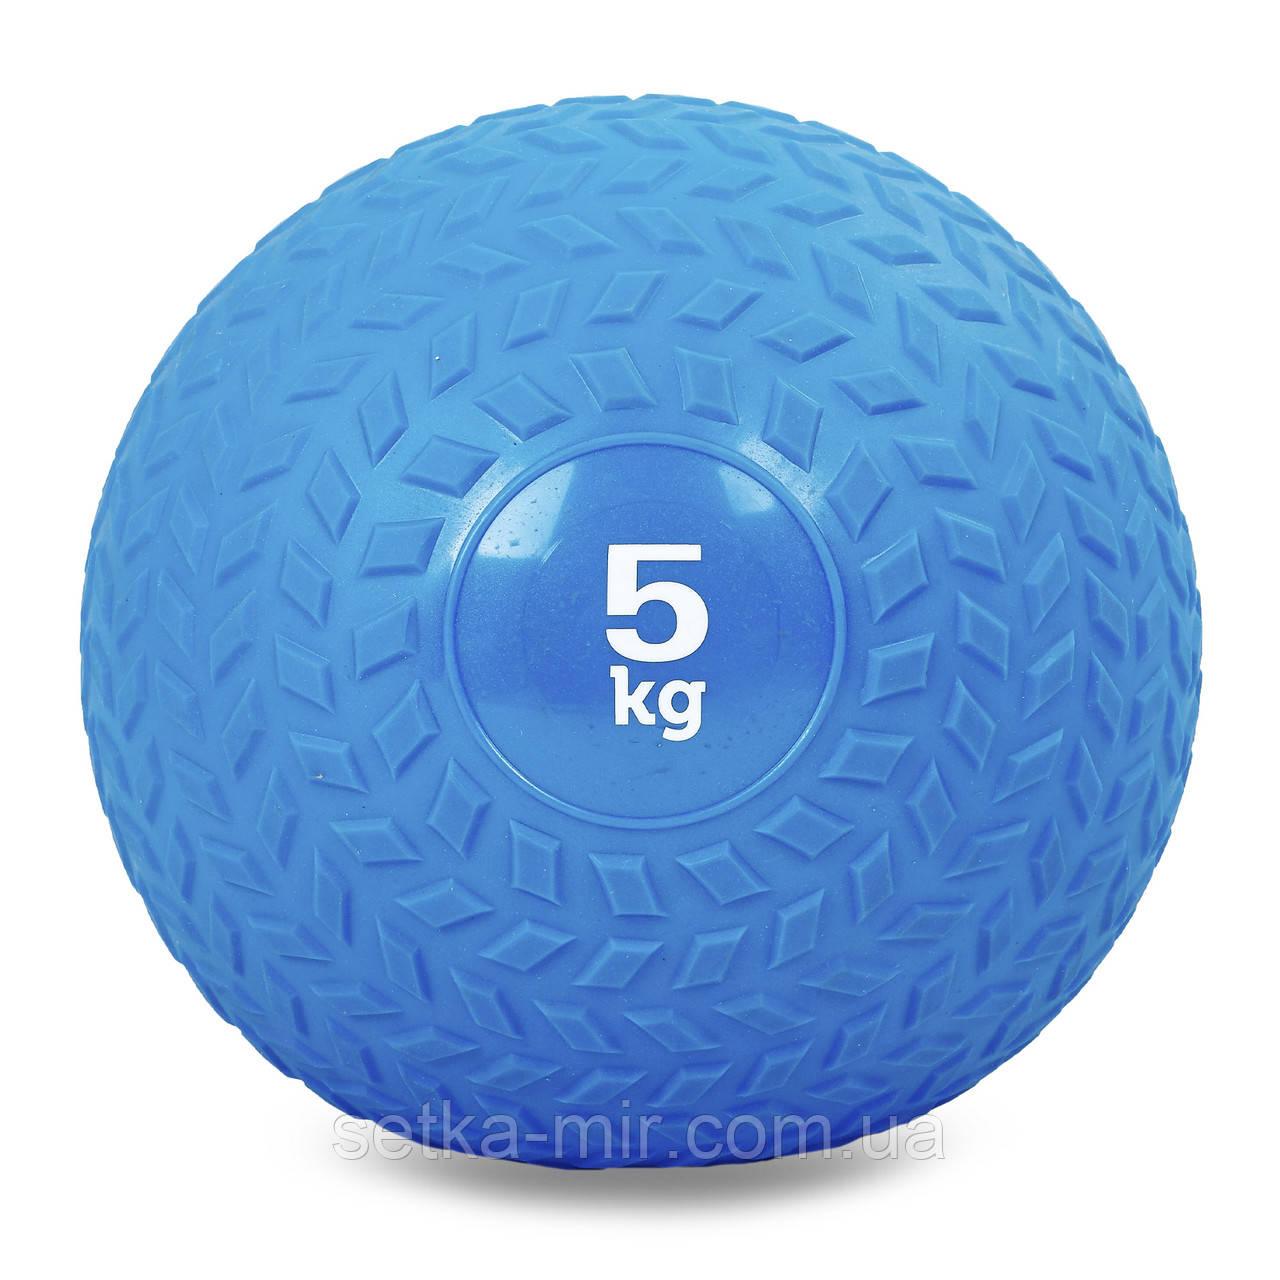 Мяч набивной слэмбол для кроссфита рифленый Record SLAM BALL FI-5729-5 5кг